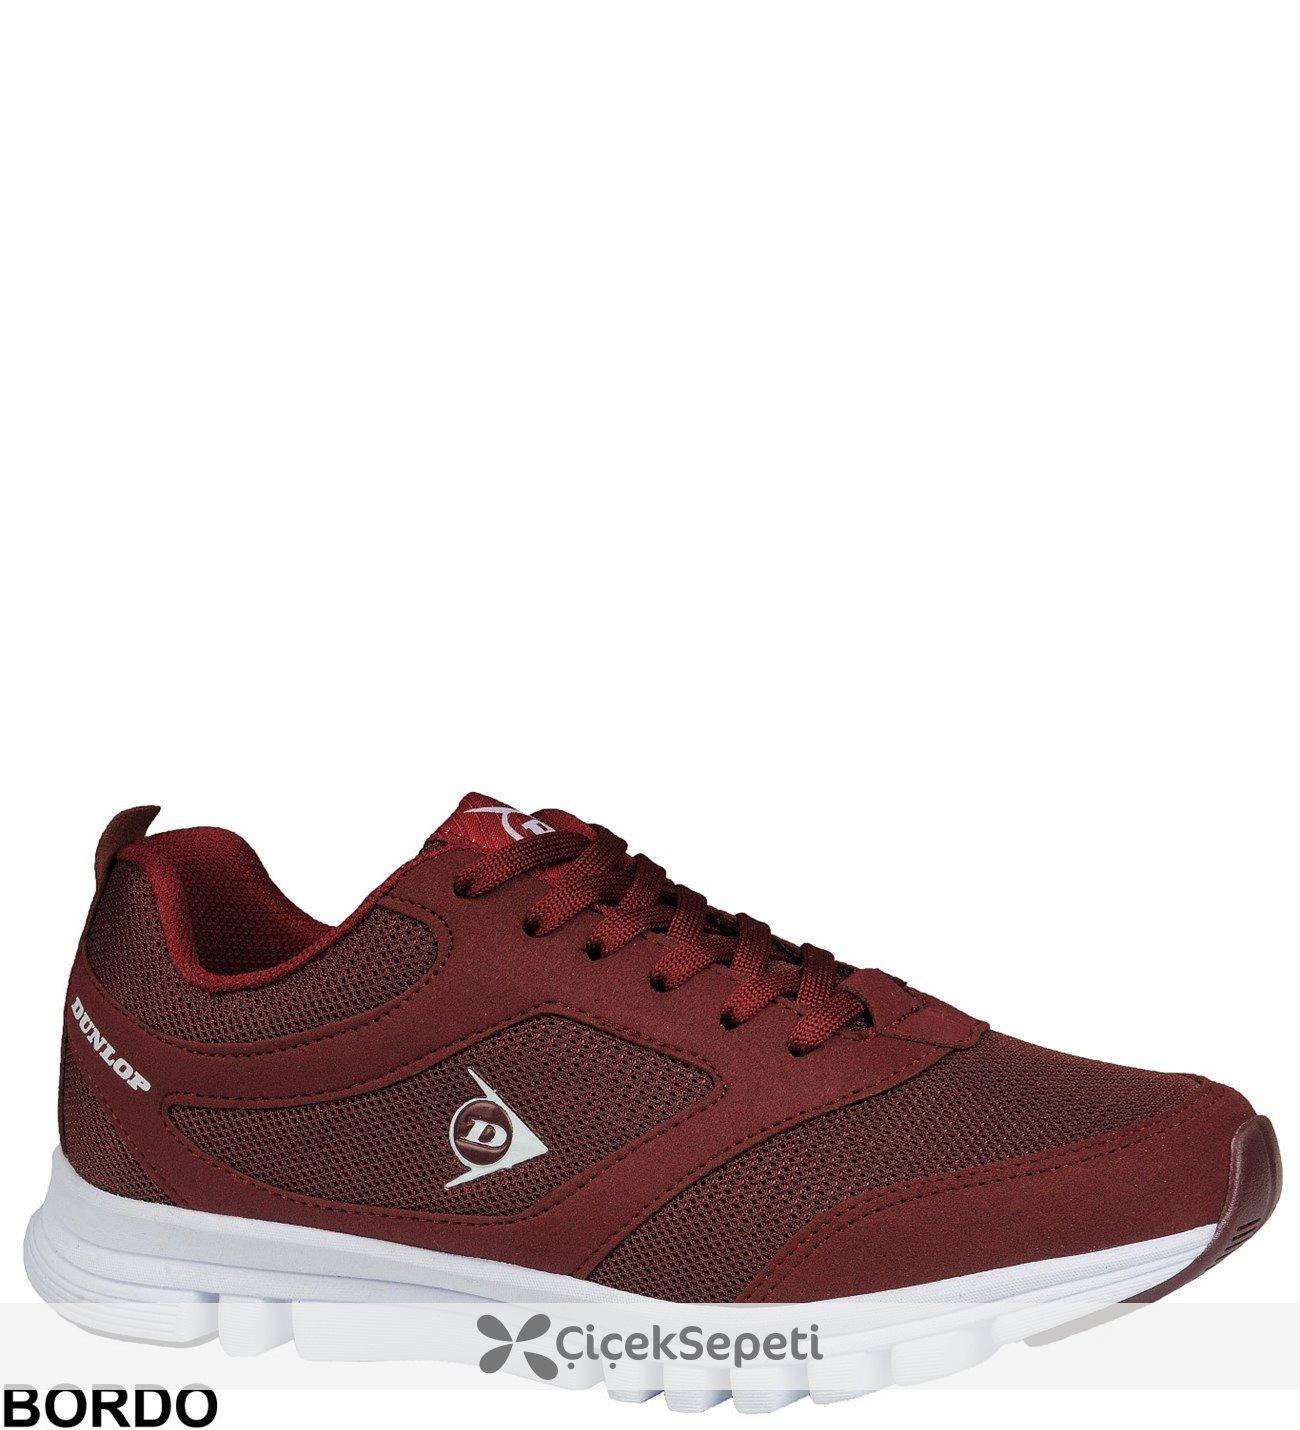 Dunlop 812262 Erkek & Kadın Spor Ayakkabı Yeni Sezon 6 Renk Bordo